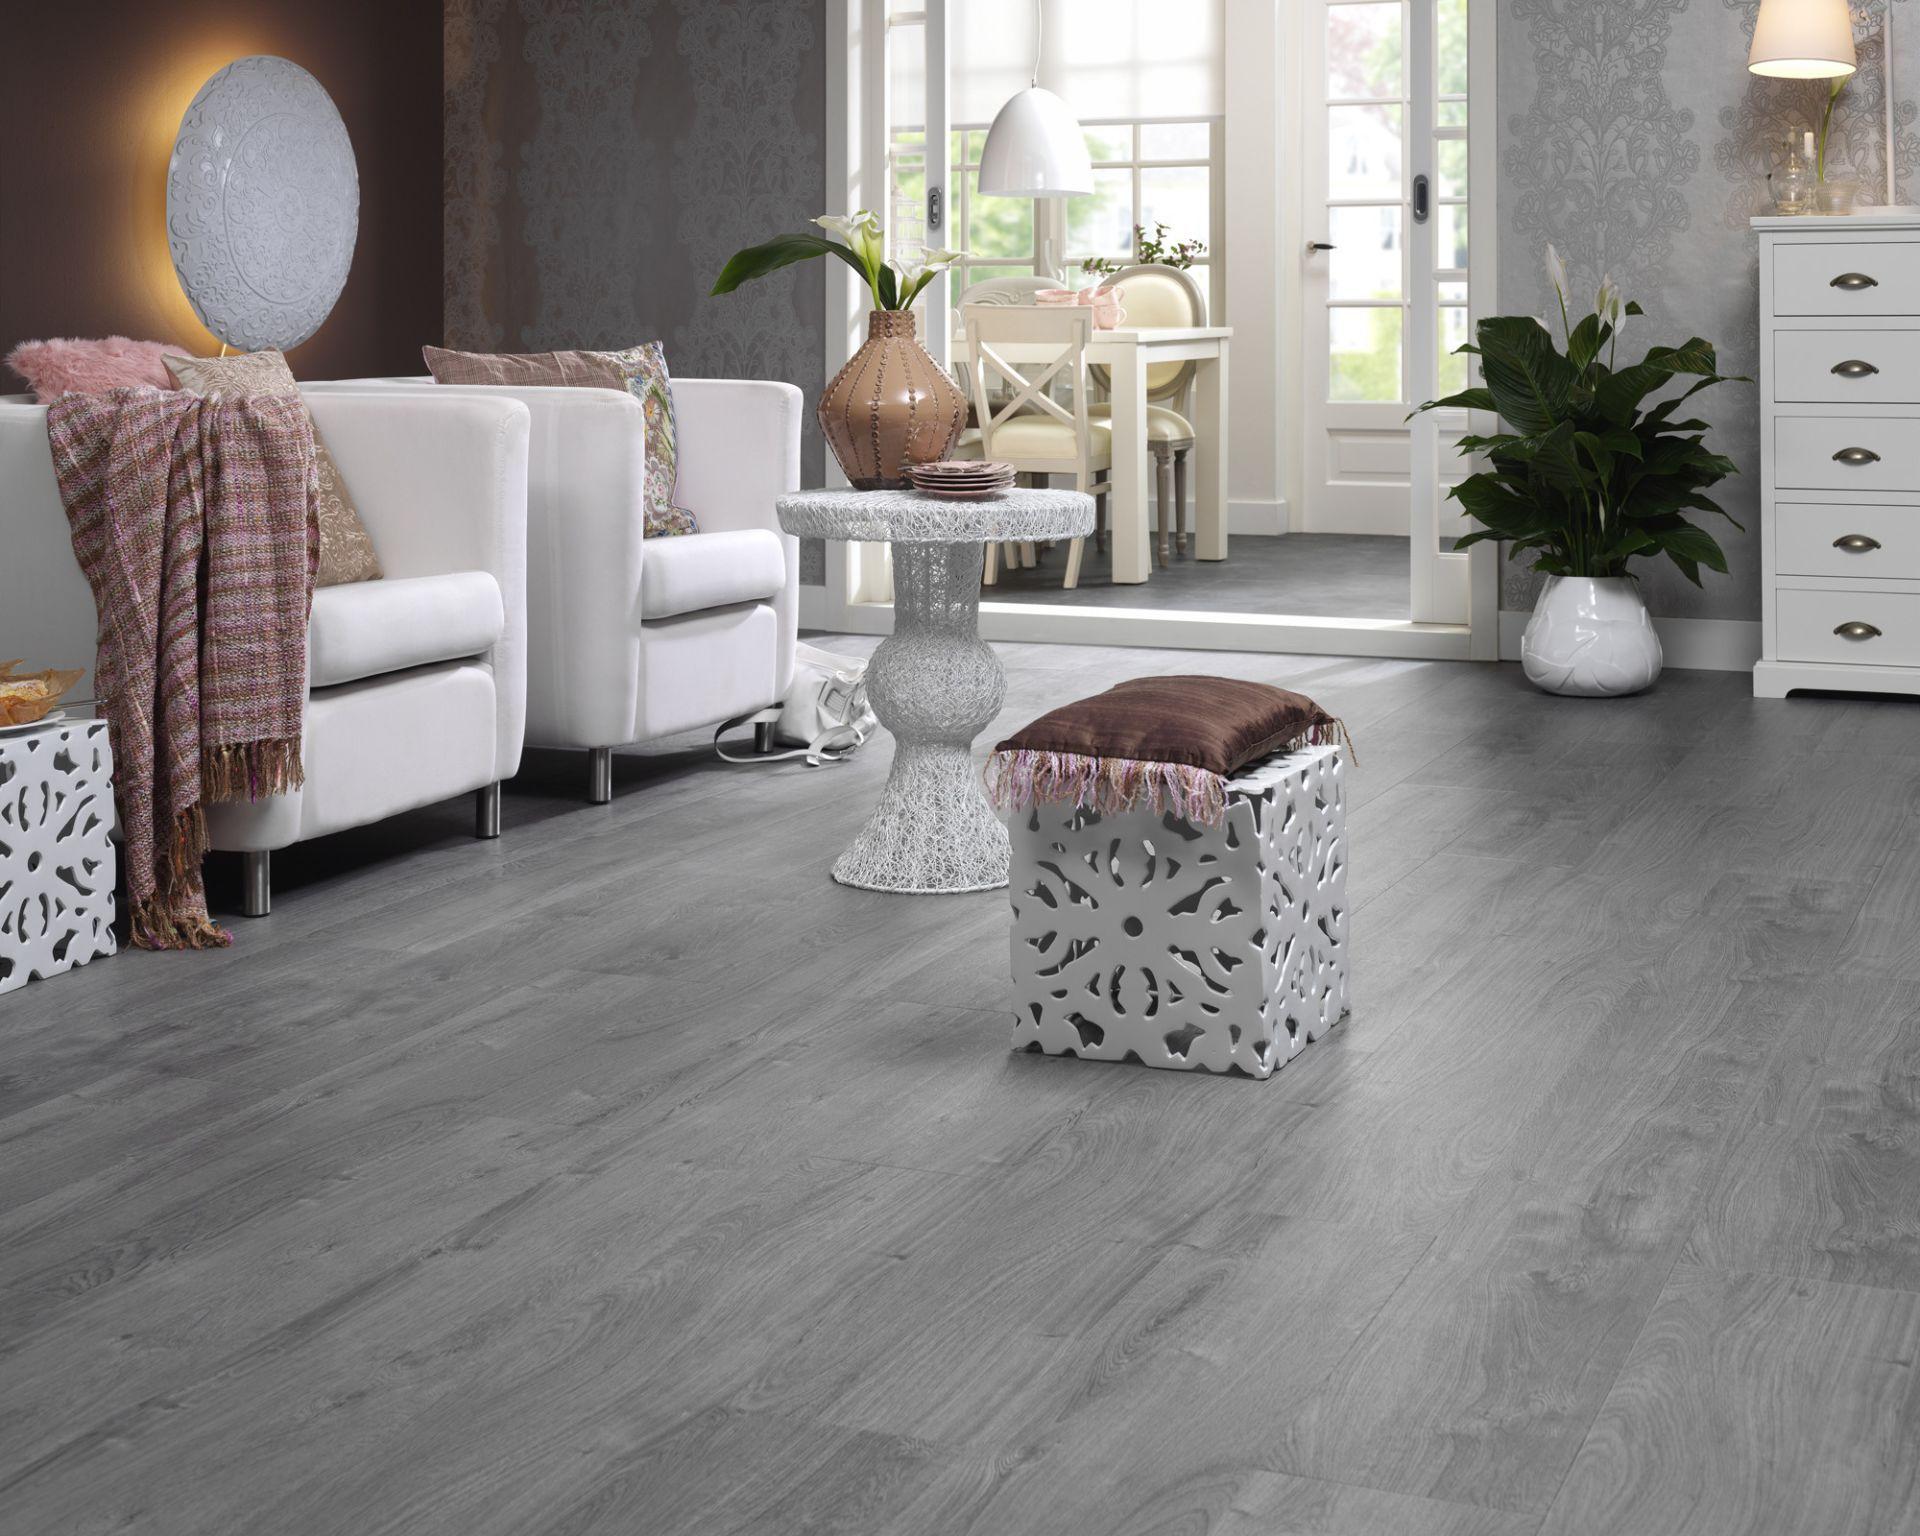 Nl label helsinki pvc vloer vloeren flooring